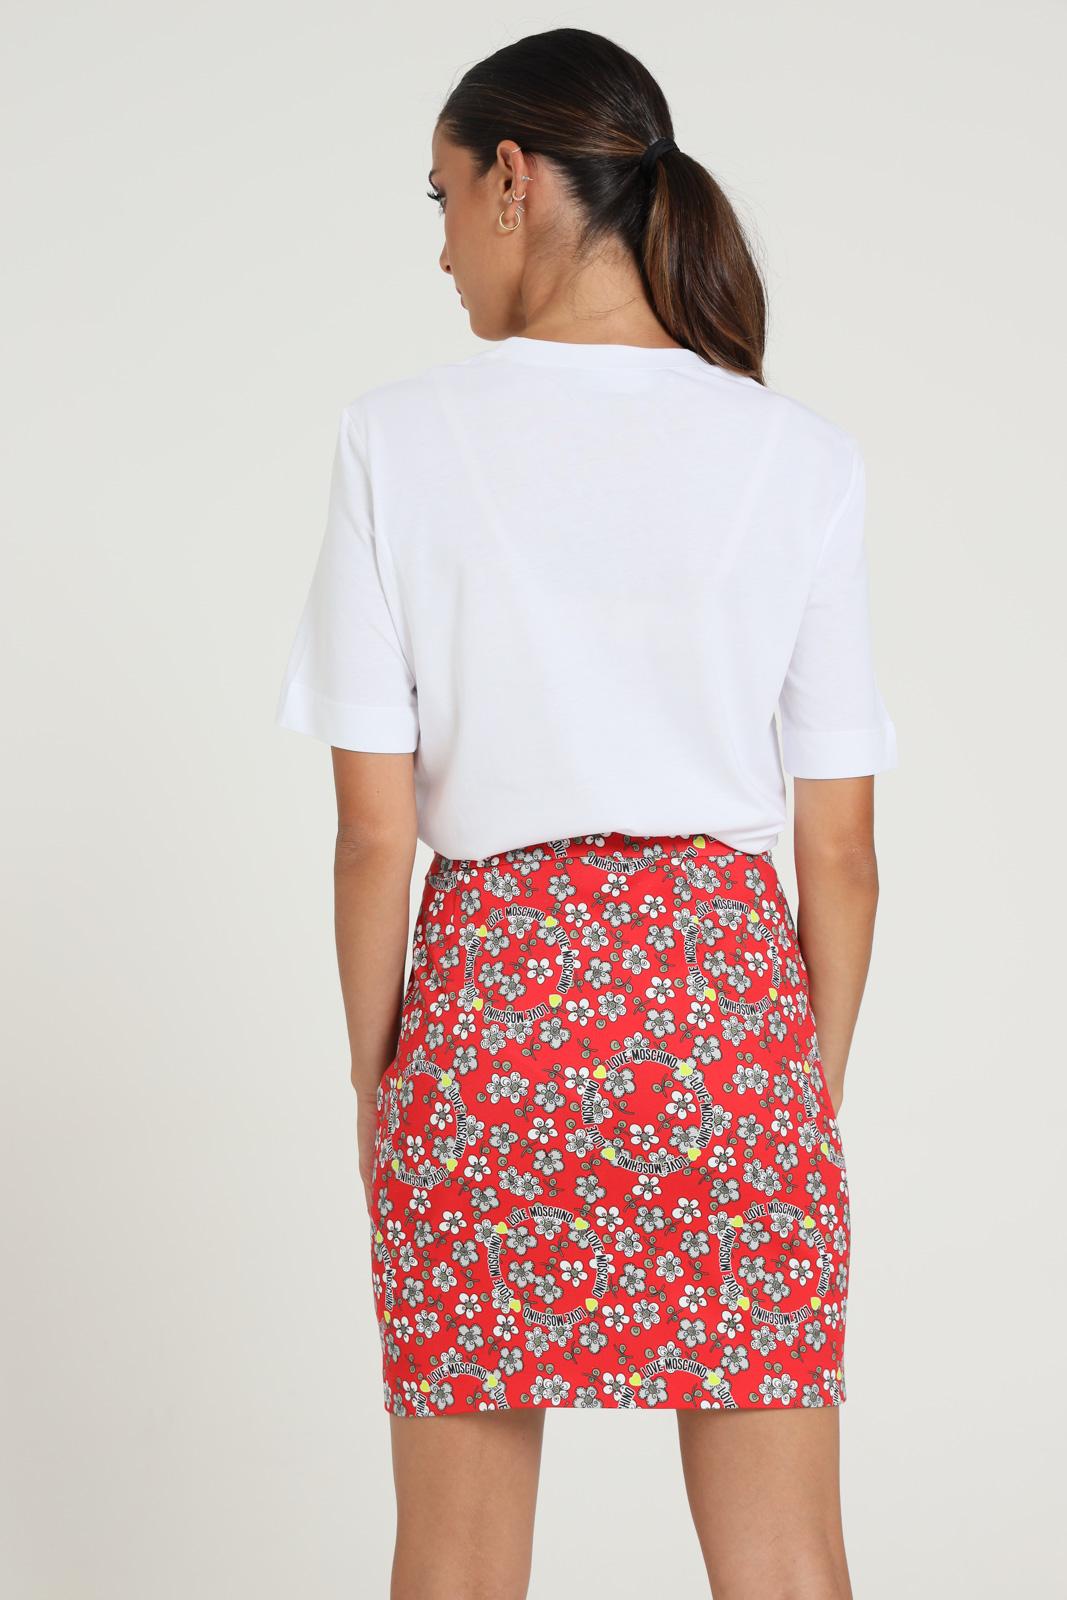 LOVE MOSCHINO | Skirt | WGC7100S34420007